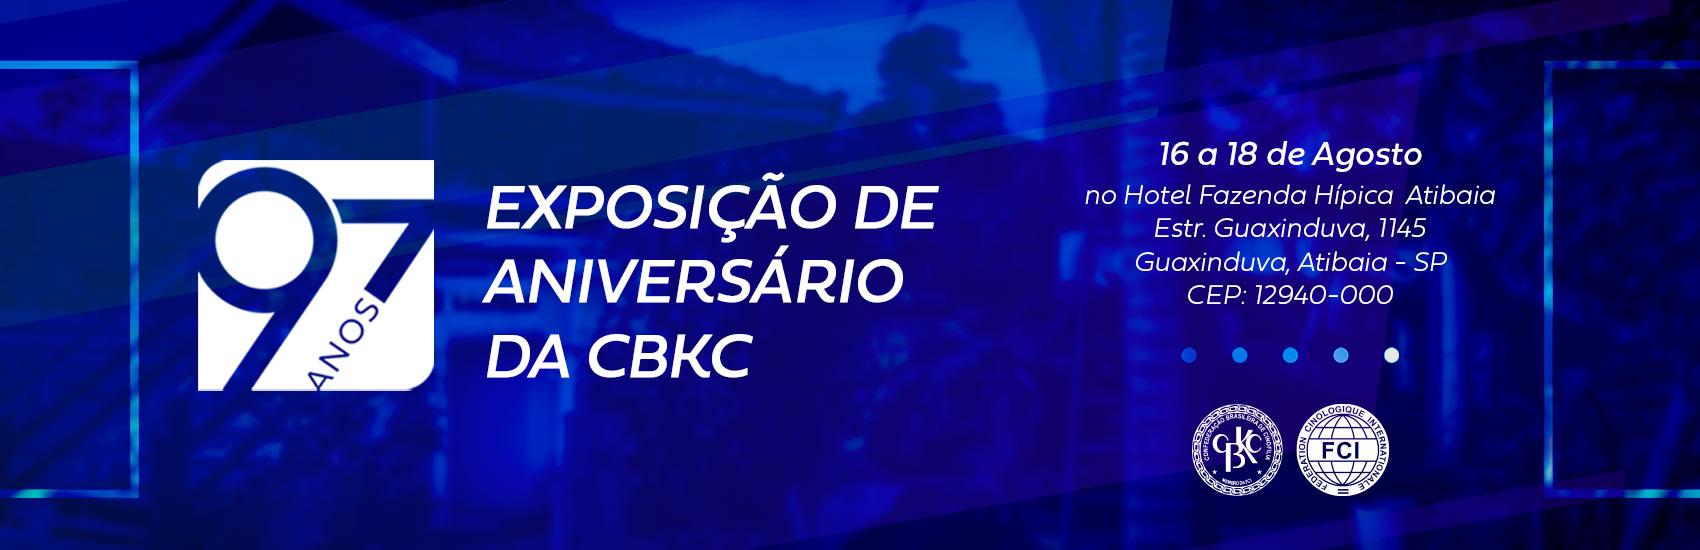 CBKC - Expo CBKC 2019.